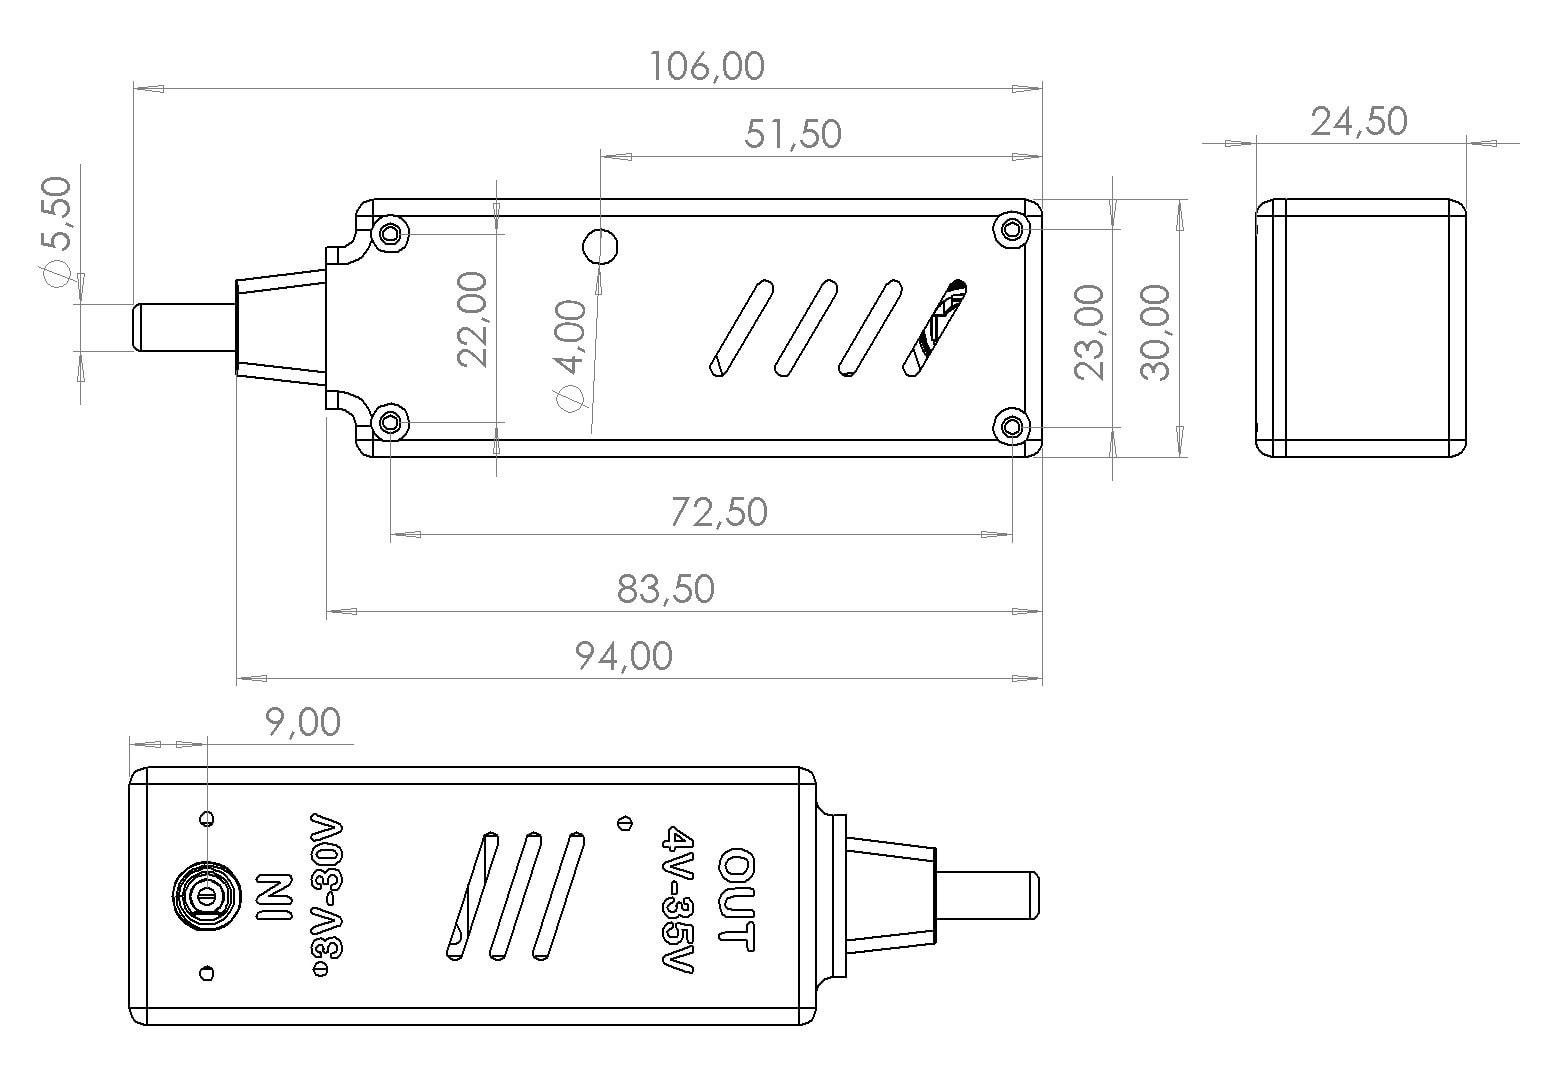 LM2587S Aufwärtswandler Step Up Bauteile Plan